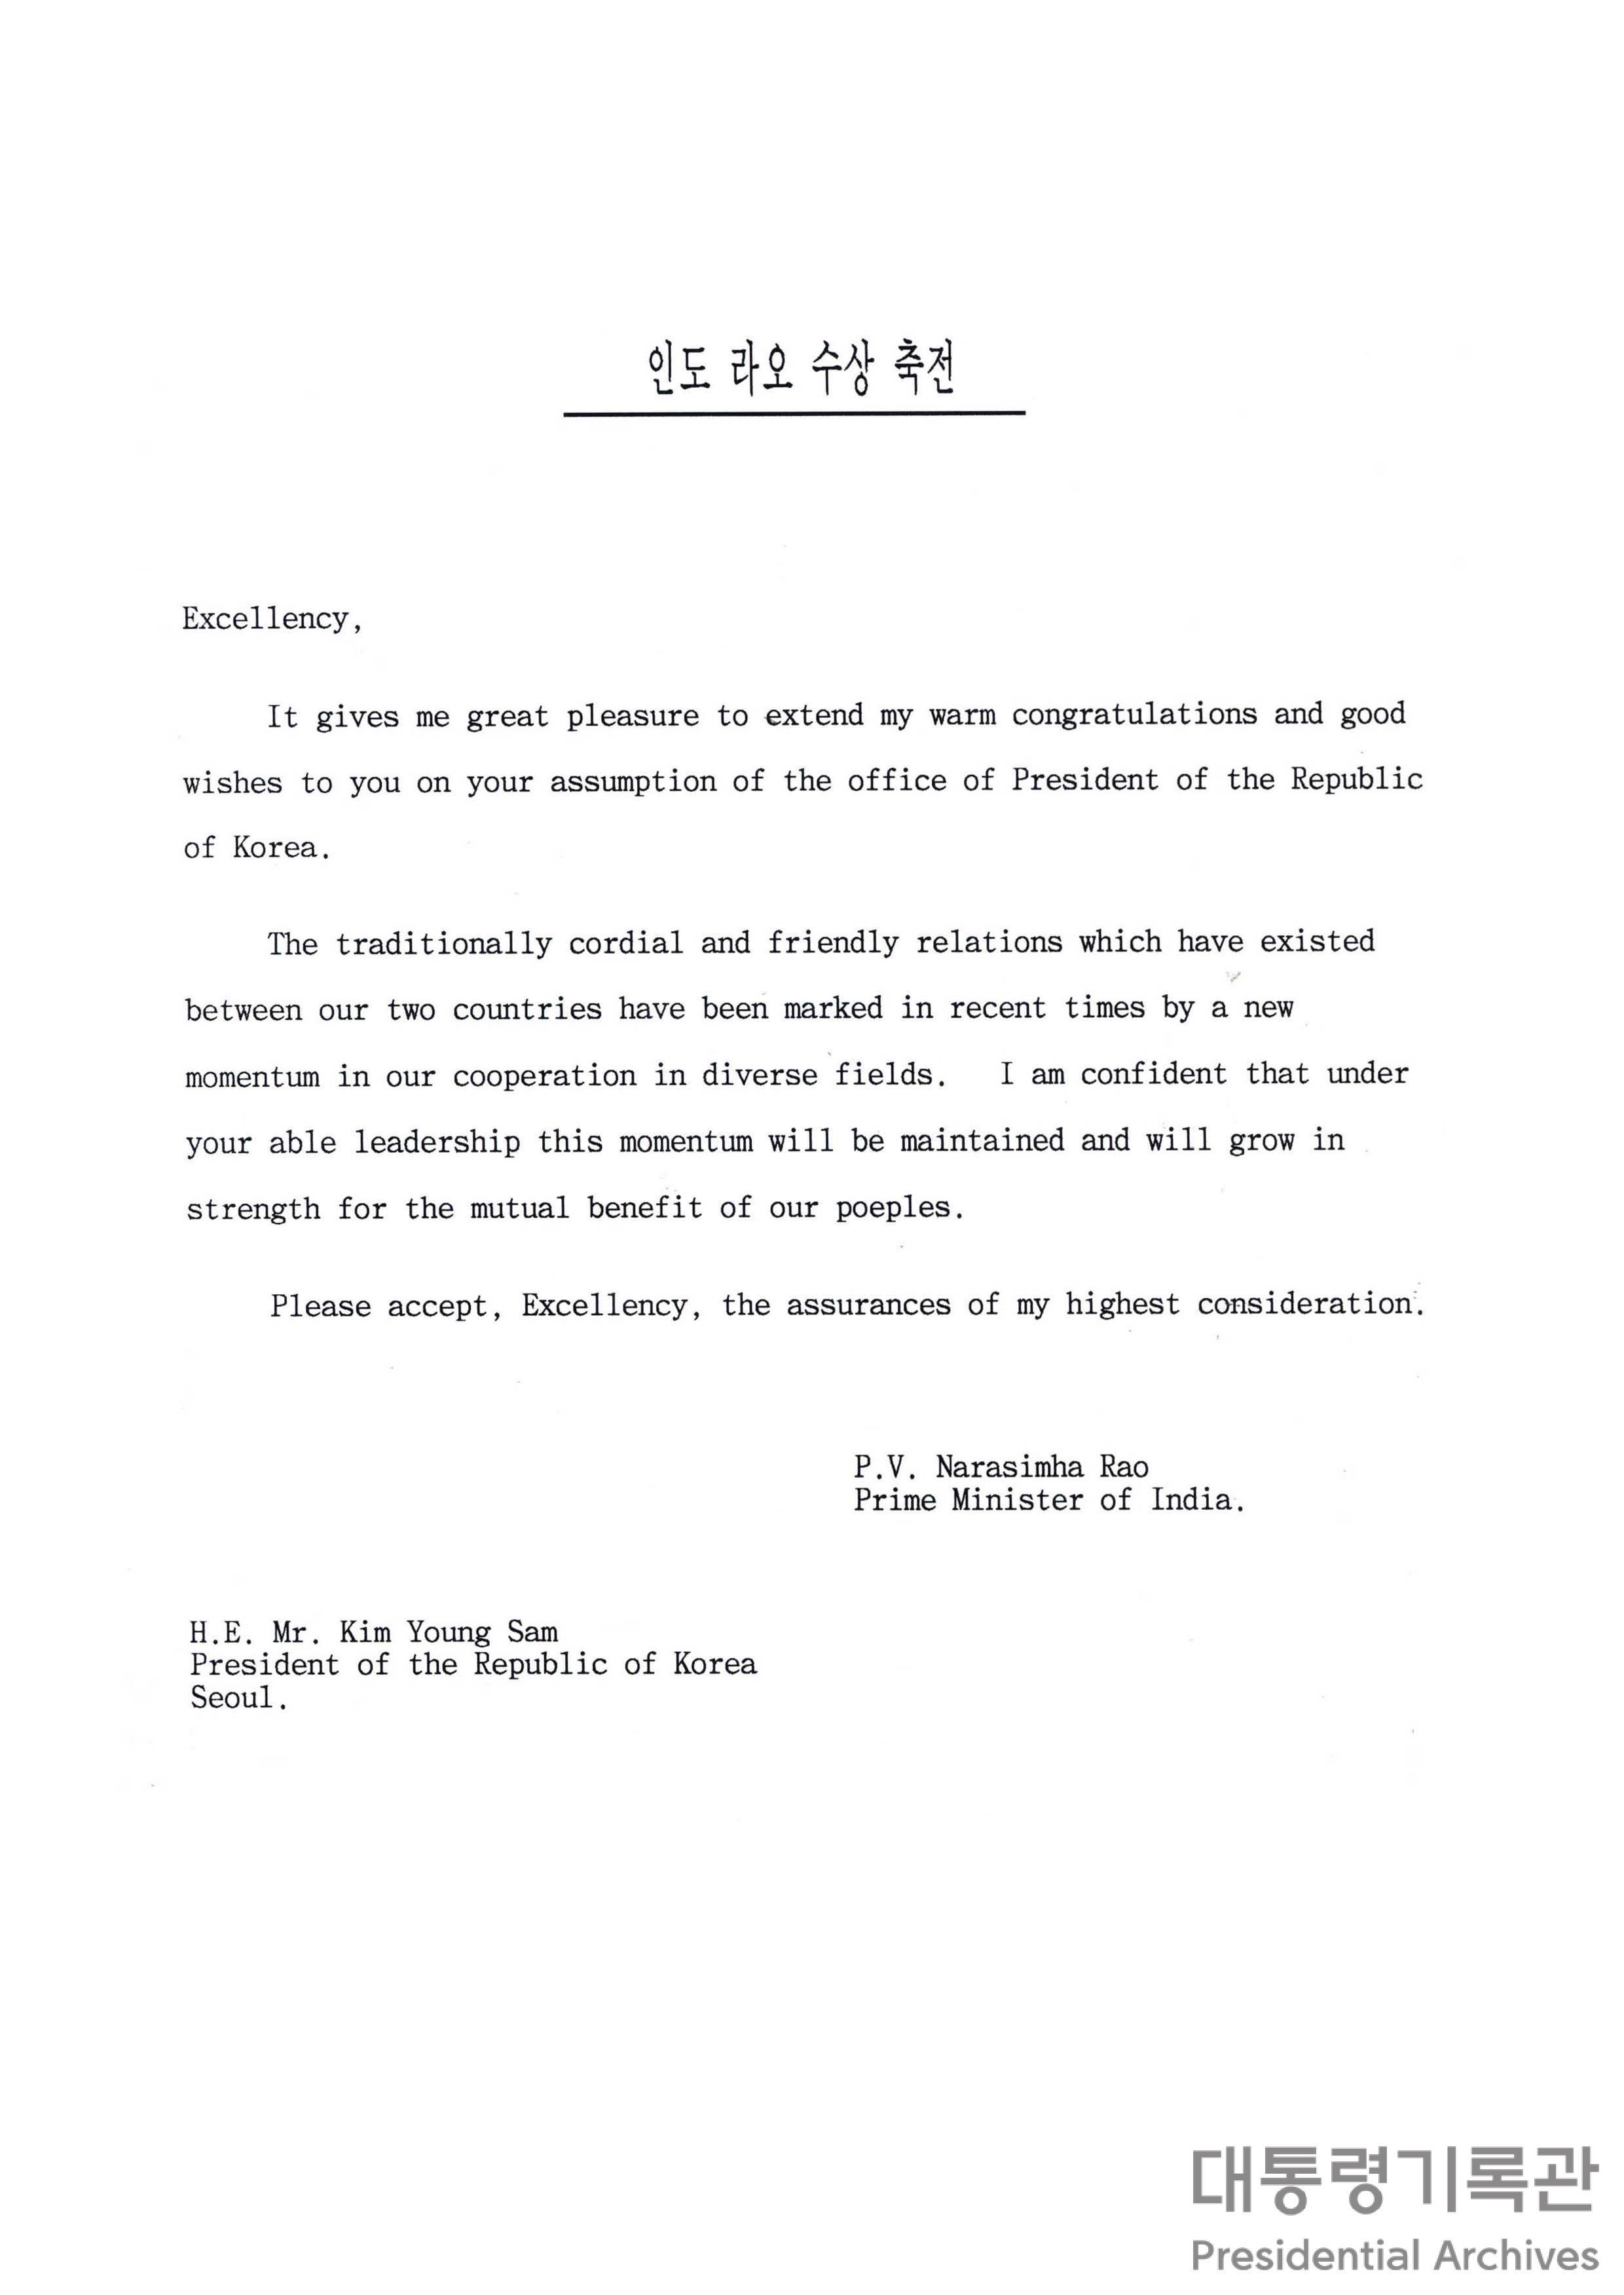 나라심하 라오(P.V.Narasimha Rao) 인도수상이 김영삼 대통령에 보낸 서한